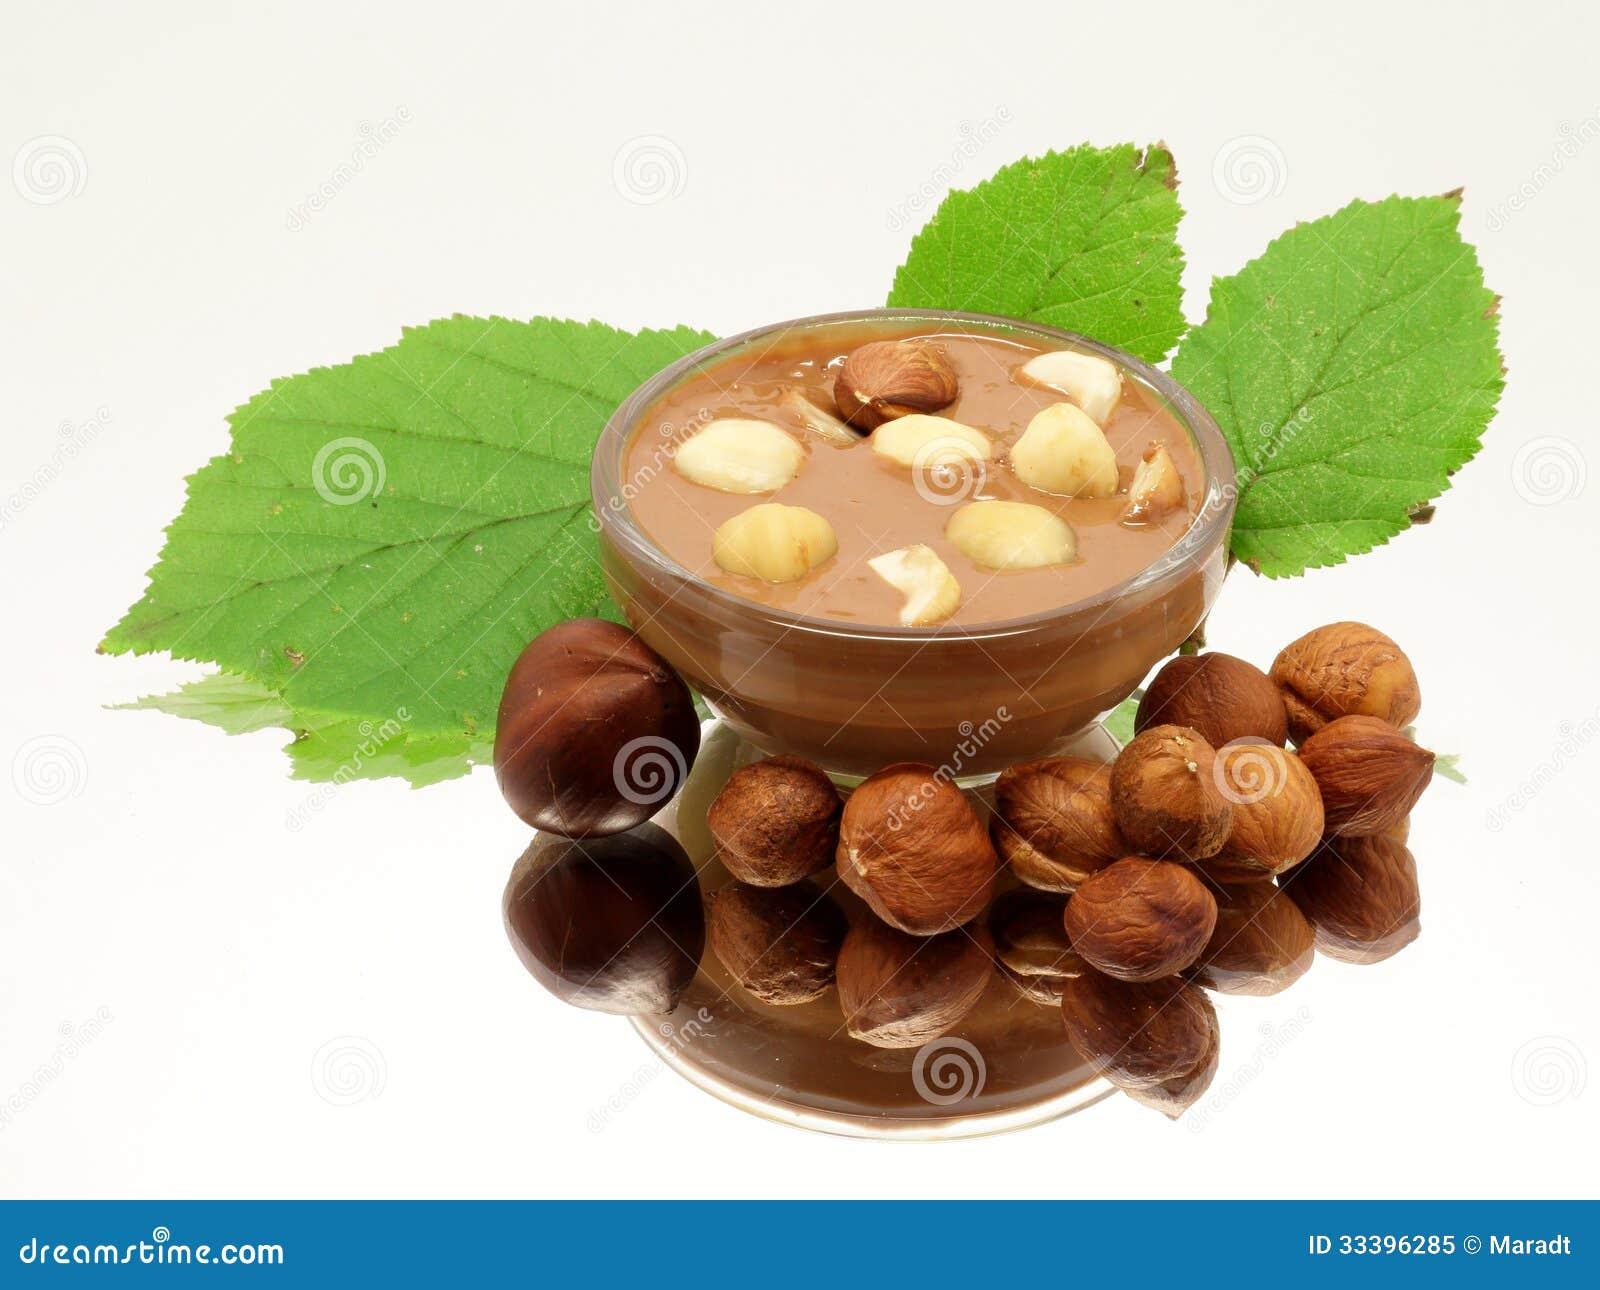 Choklad i den glass bunken med hasselnötter och blad